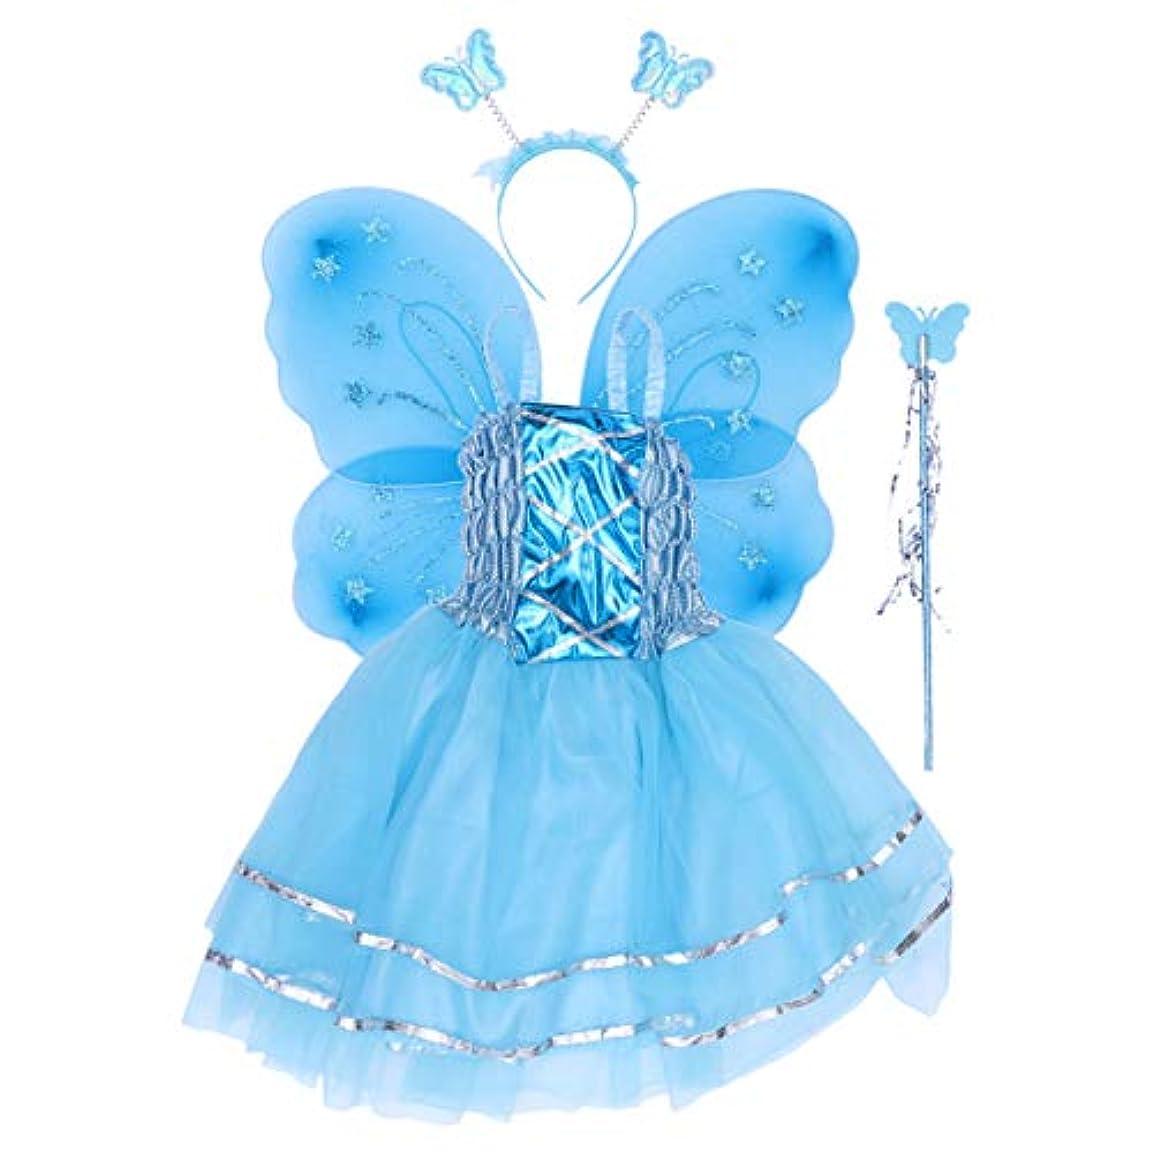 灌漑徹底多年生BESTOYARD 蝶の羽、ワンド、ヘッドバンド、ツツードレス(スカイブルー)と4個の女の子バタフライプリンセス妖精のコスチュームセット